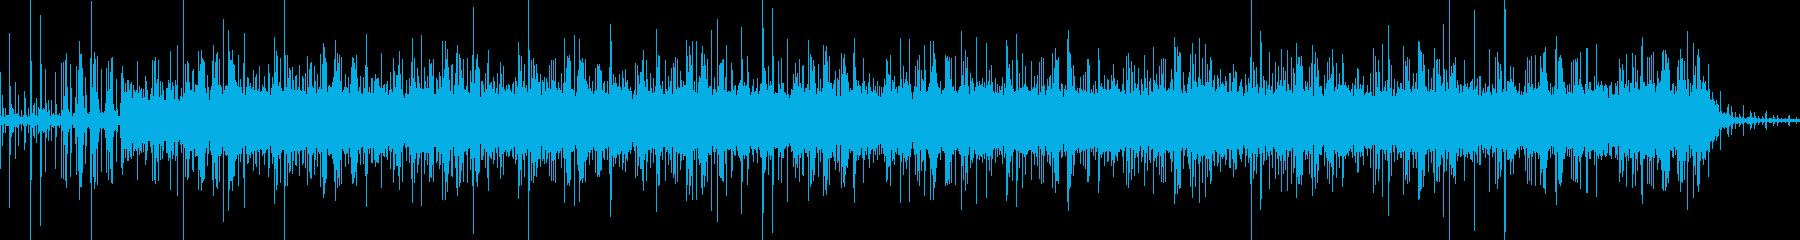 コミカルでかわいいアルペジオの再生済みの波形